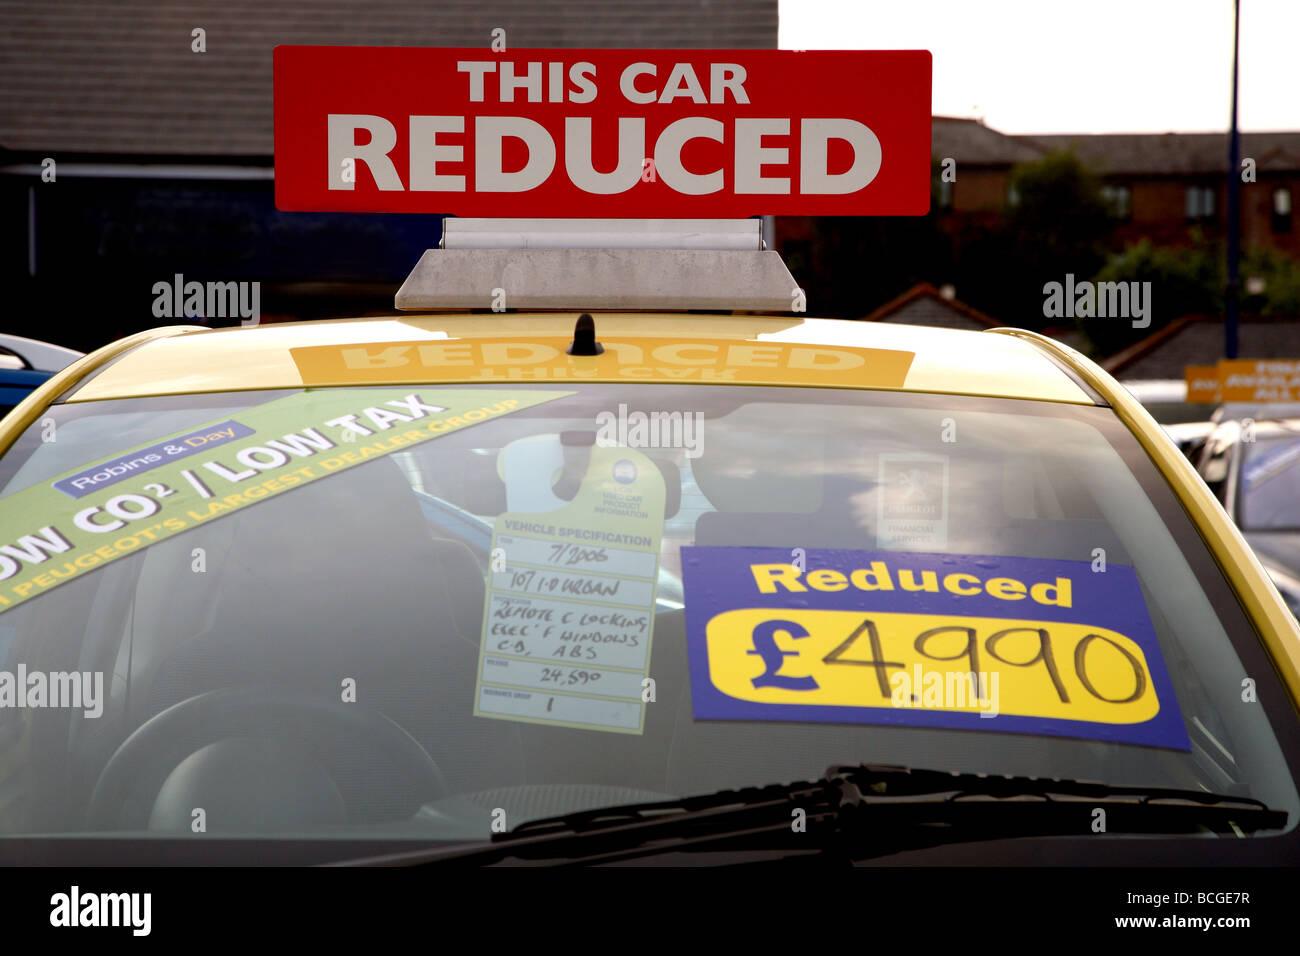 Bristol car dealer reduces prices to combat sales slump - Stock Image